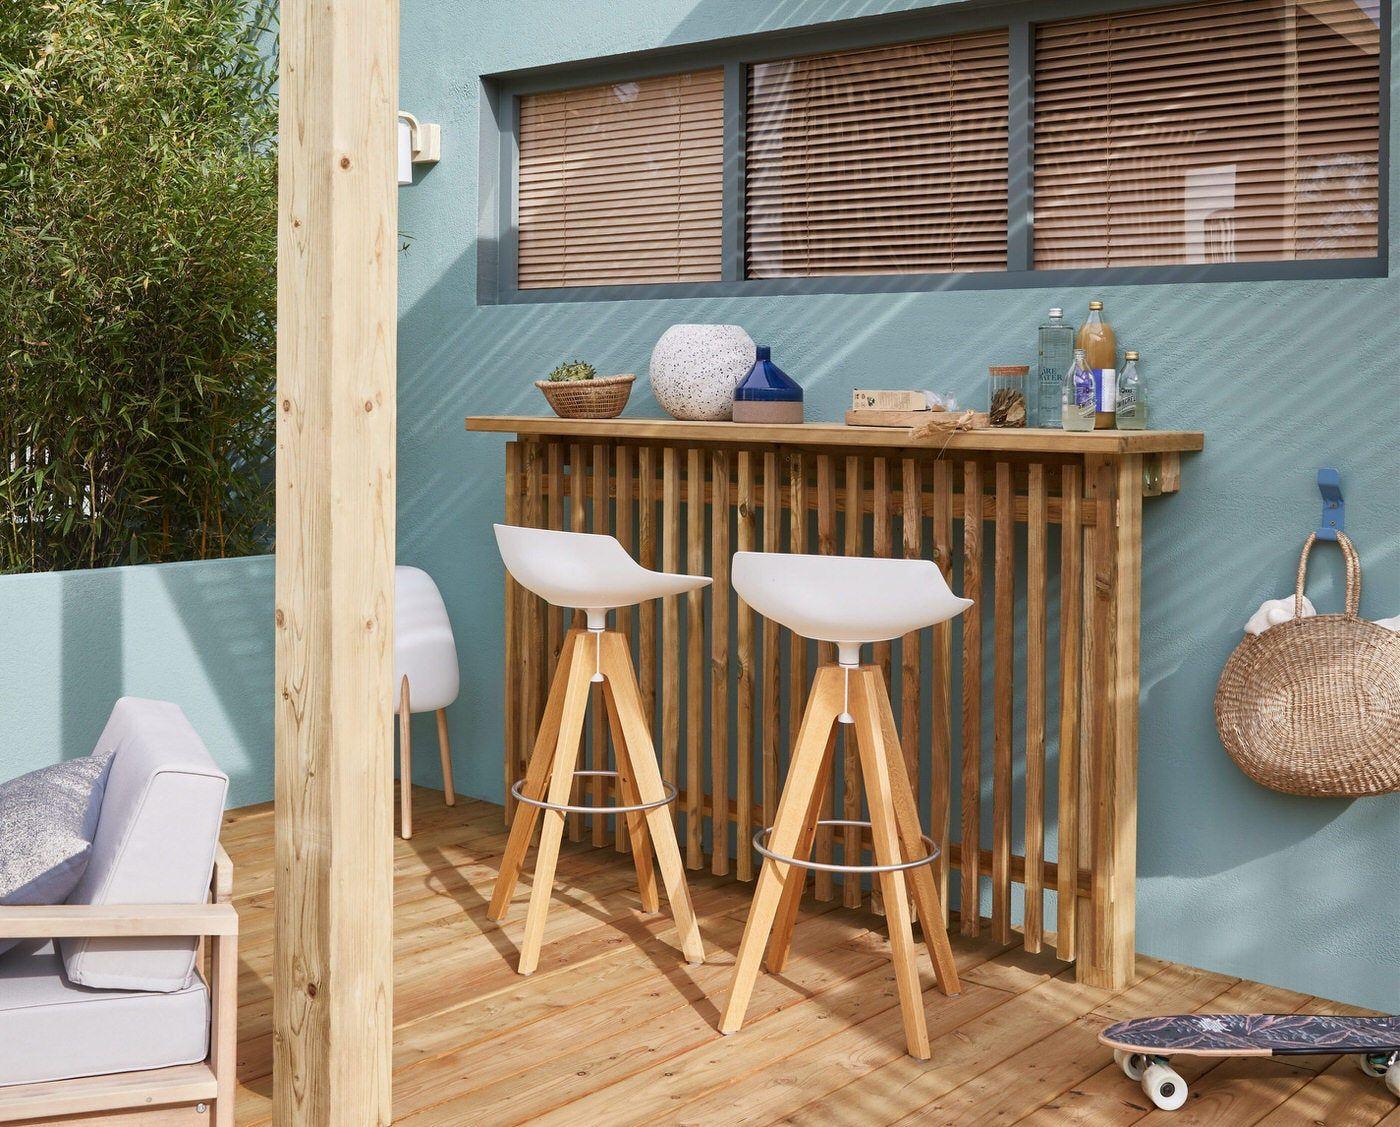 Les Produits Phares Pour Vous Lancer Leroy Merlin Inspiration En 2020 Jardin Maison Salon De Jardin Design Decoration De Cafe